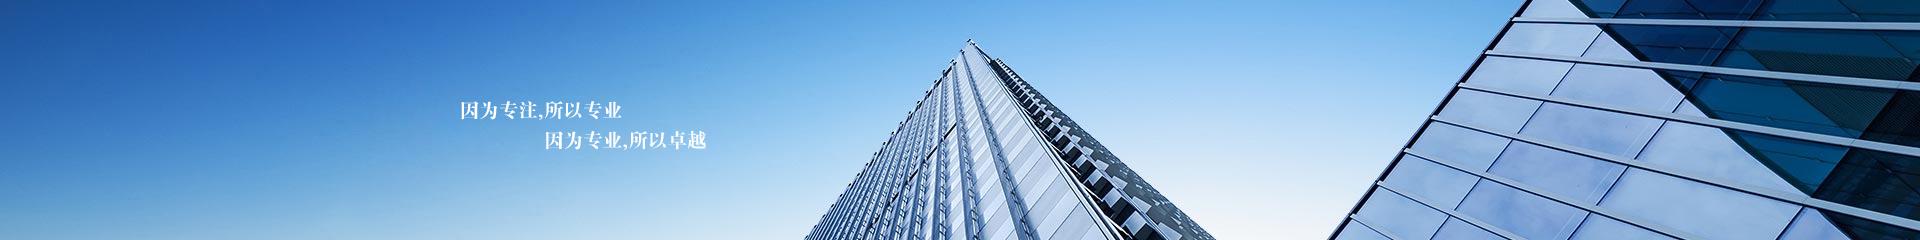 青海赛宇环境工程有限公司|专注于环境咨询、水土保持咨询、环净治理、环保设备制造于一体的全产业链服务机构!